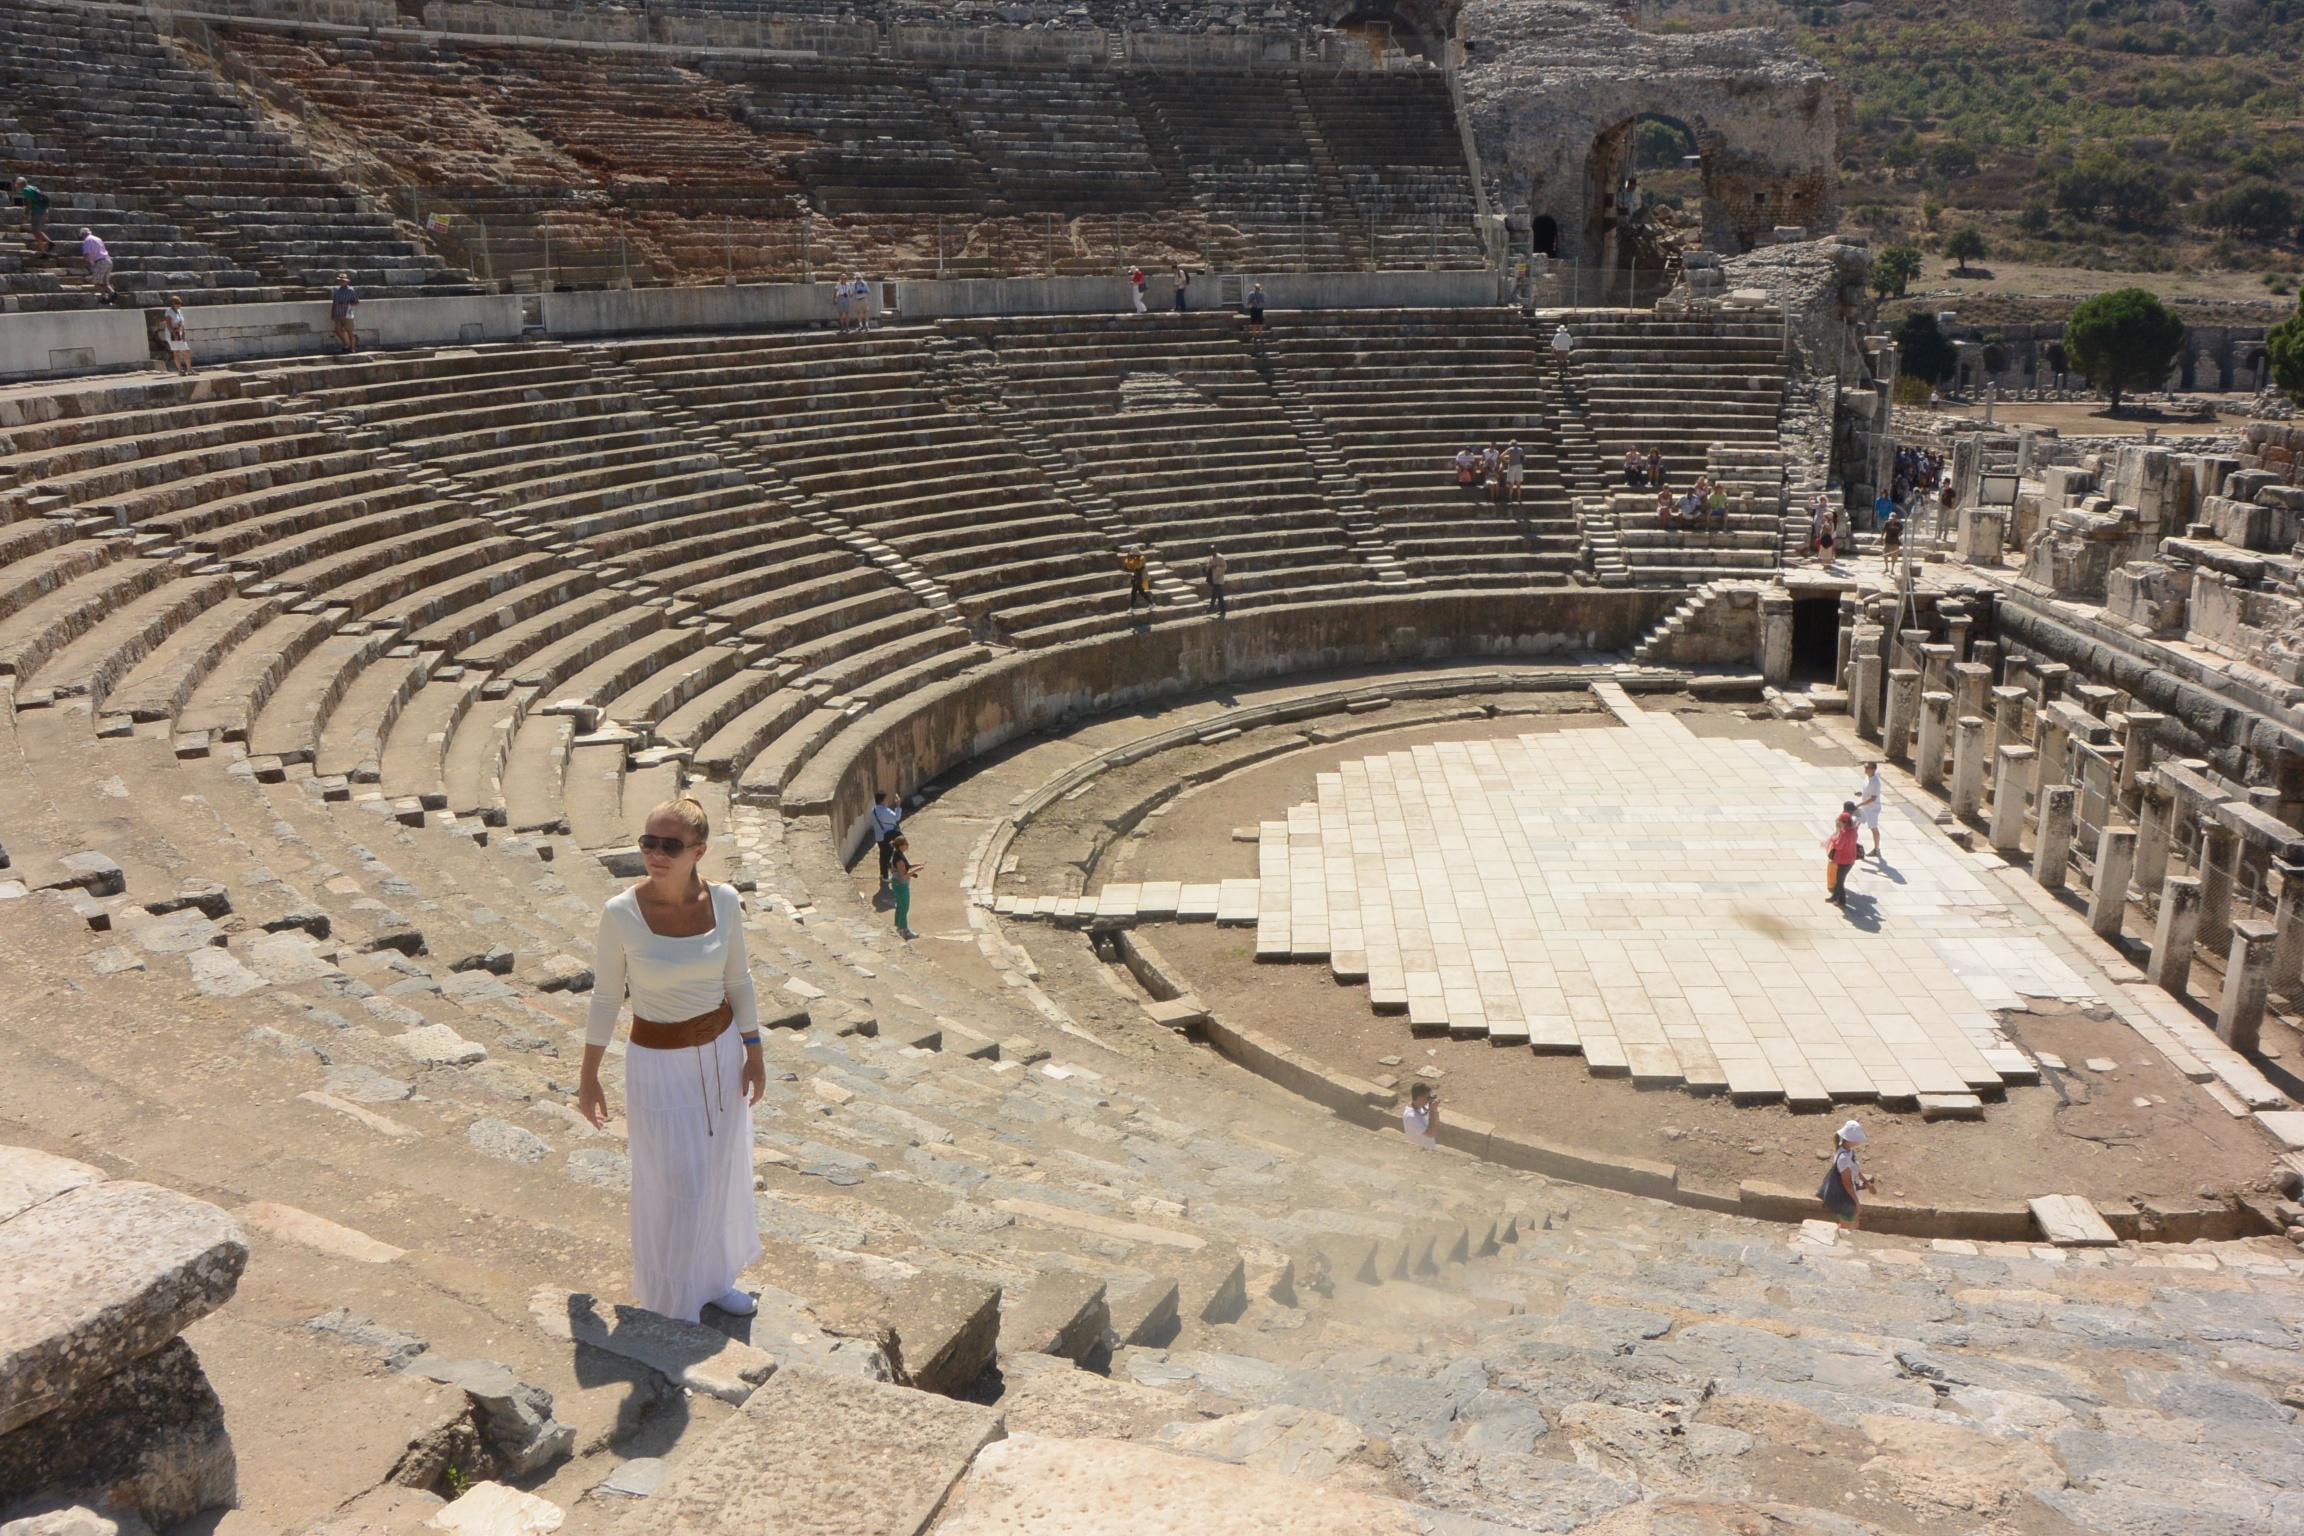 The Theatre at Ephesus